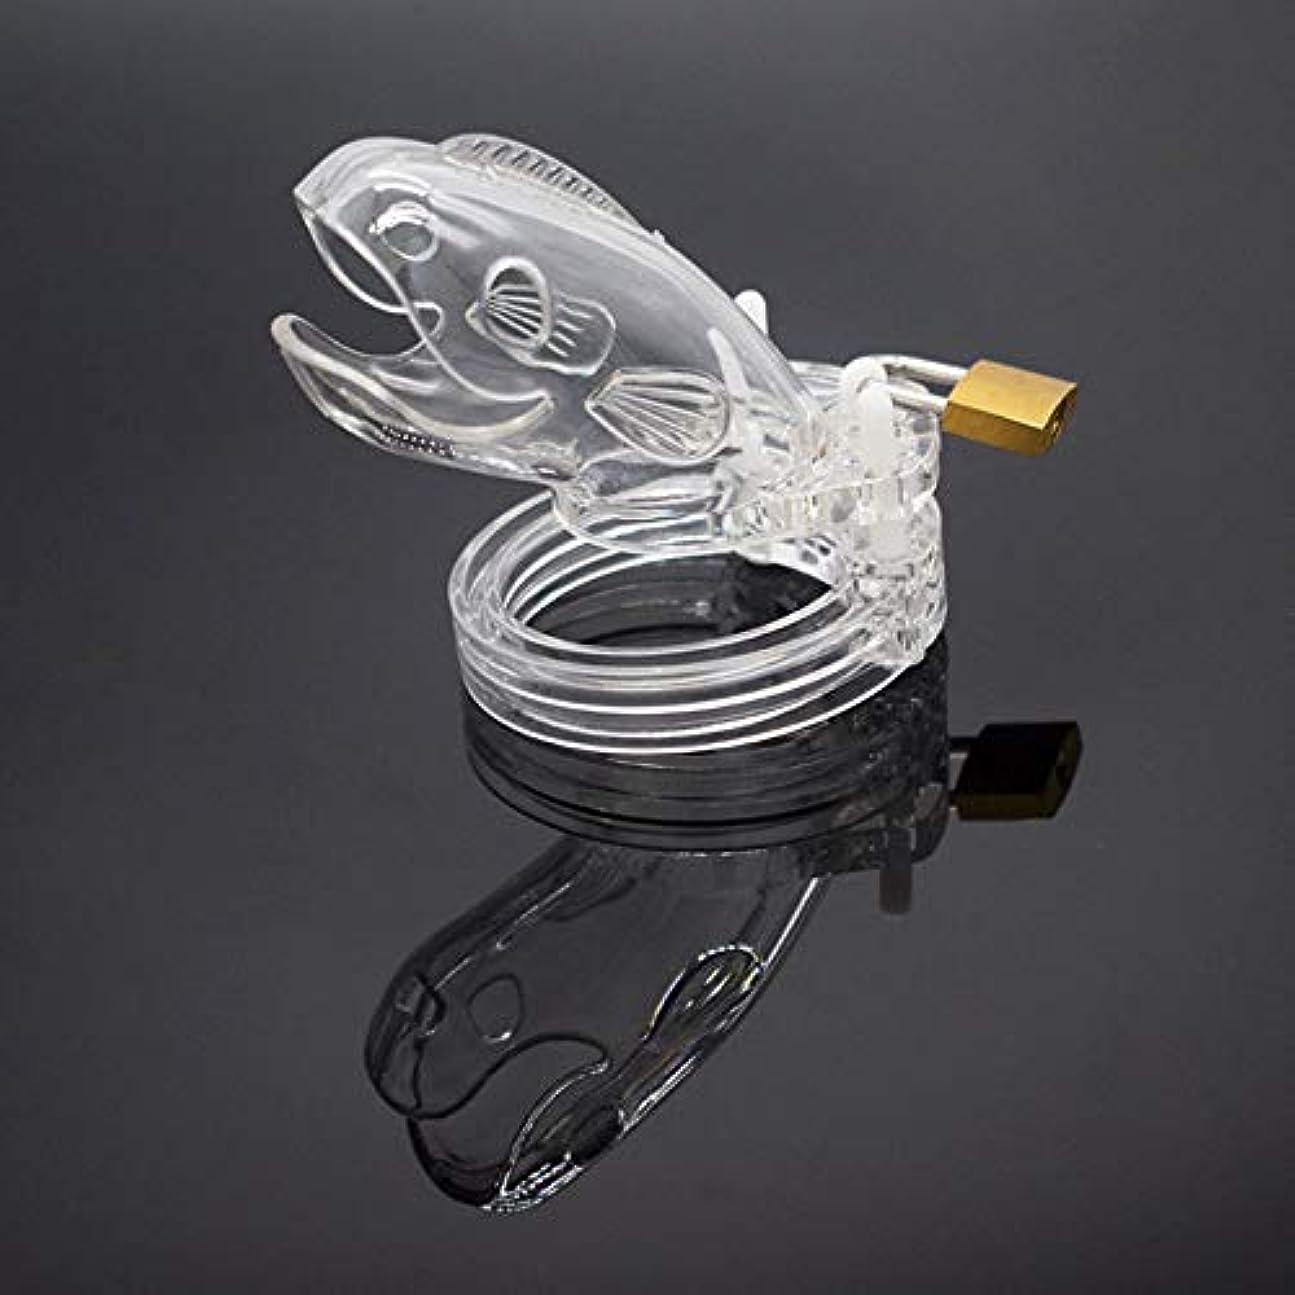 偏心鮮やかな一般的なメンズマッサージケージデバイス、快適な男性透明性と透湿性洗浄装置5サイズで(3.5センチメートル、3.7Cm、4.2センチメートル、4.5センチメートル、4.8Cm)